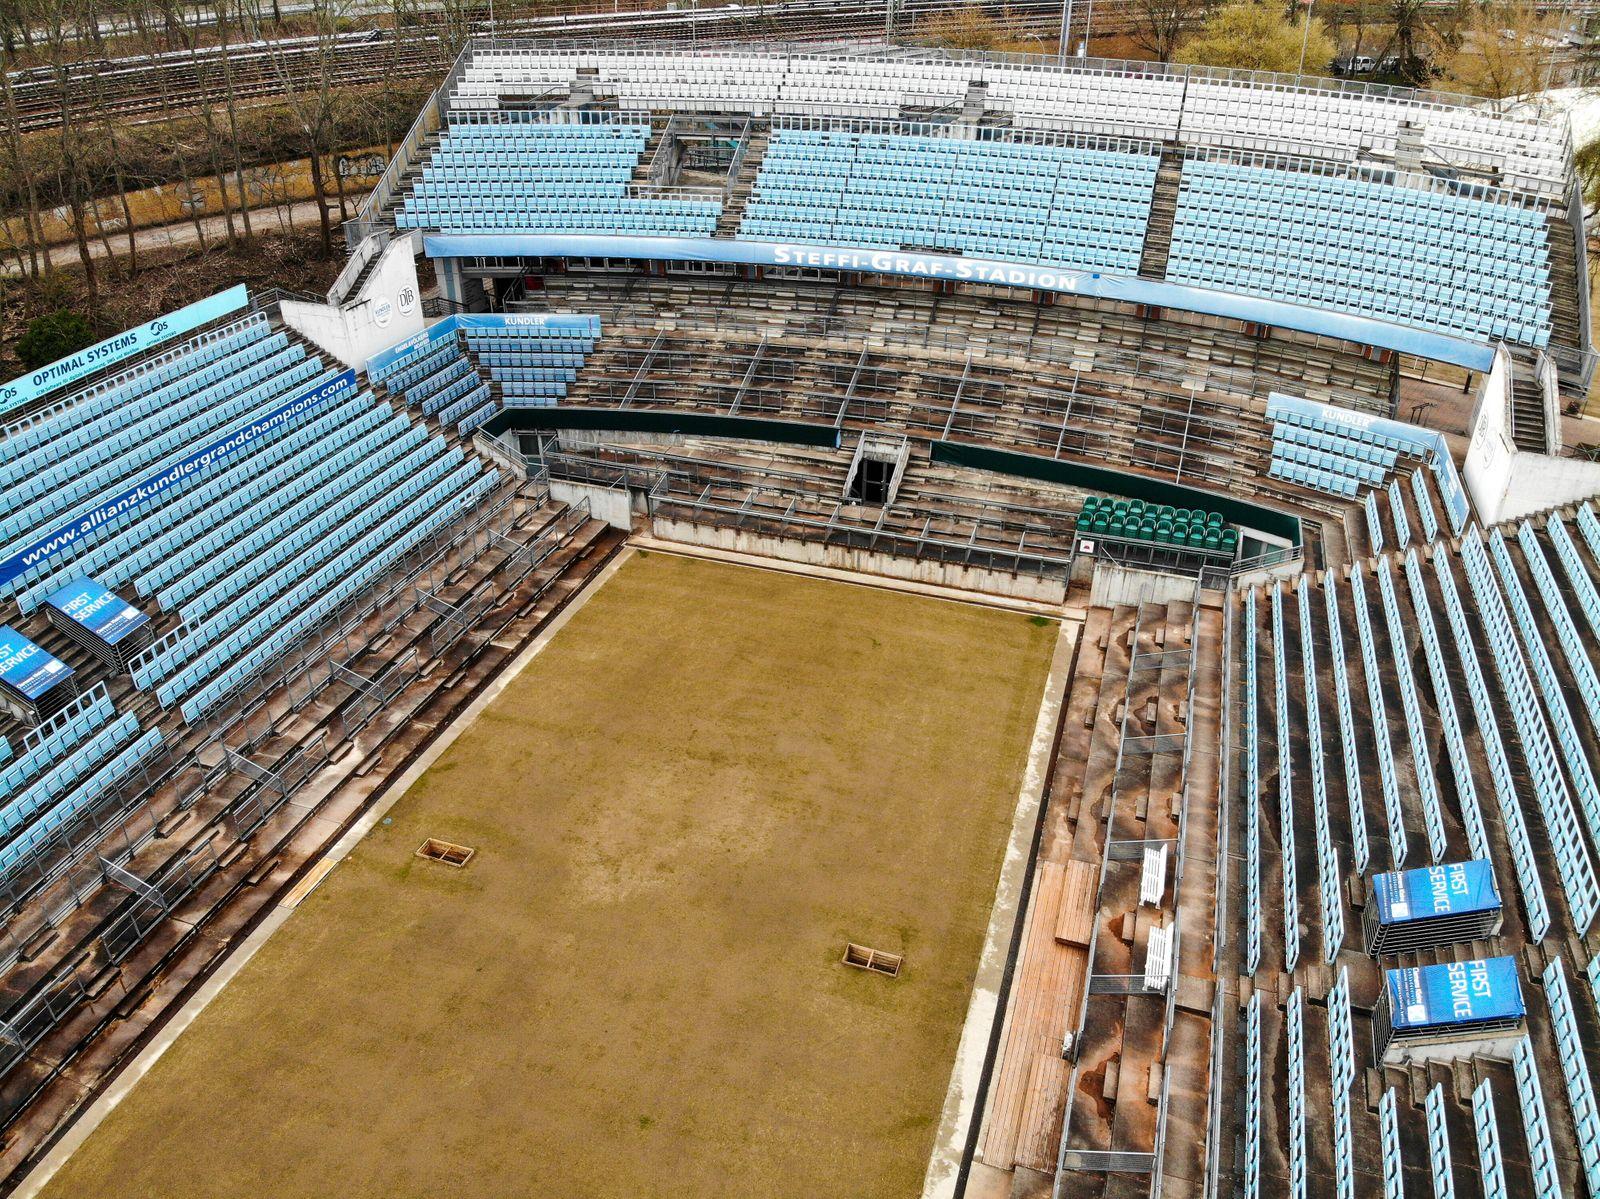 Steffi-Graf-Stadion im Wartemodus f¸r das Rasenturnier, Premierenstart 2020 oder doch erst 2021, LTTC Rot-Wei?, Berlin,